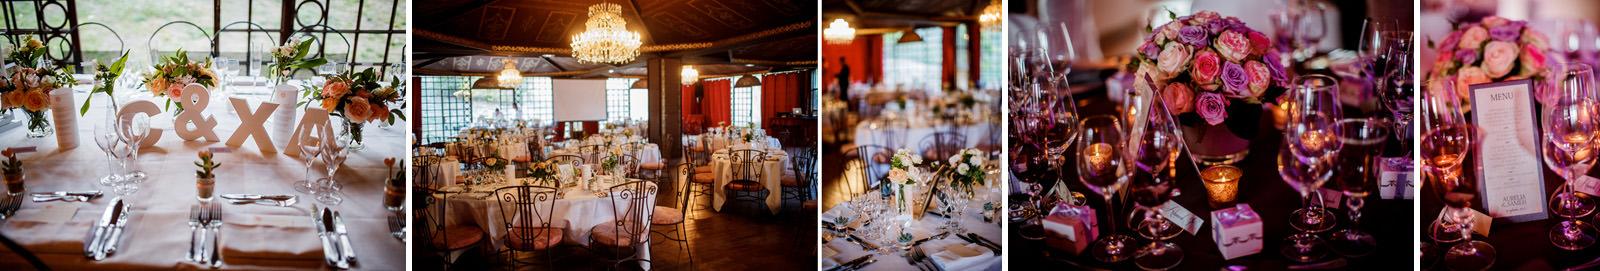 photos de détail des décoration de tables avec les lumières